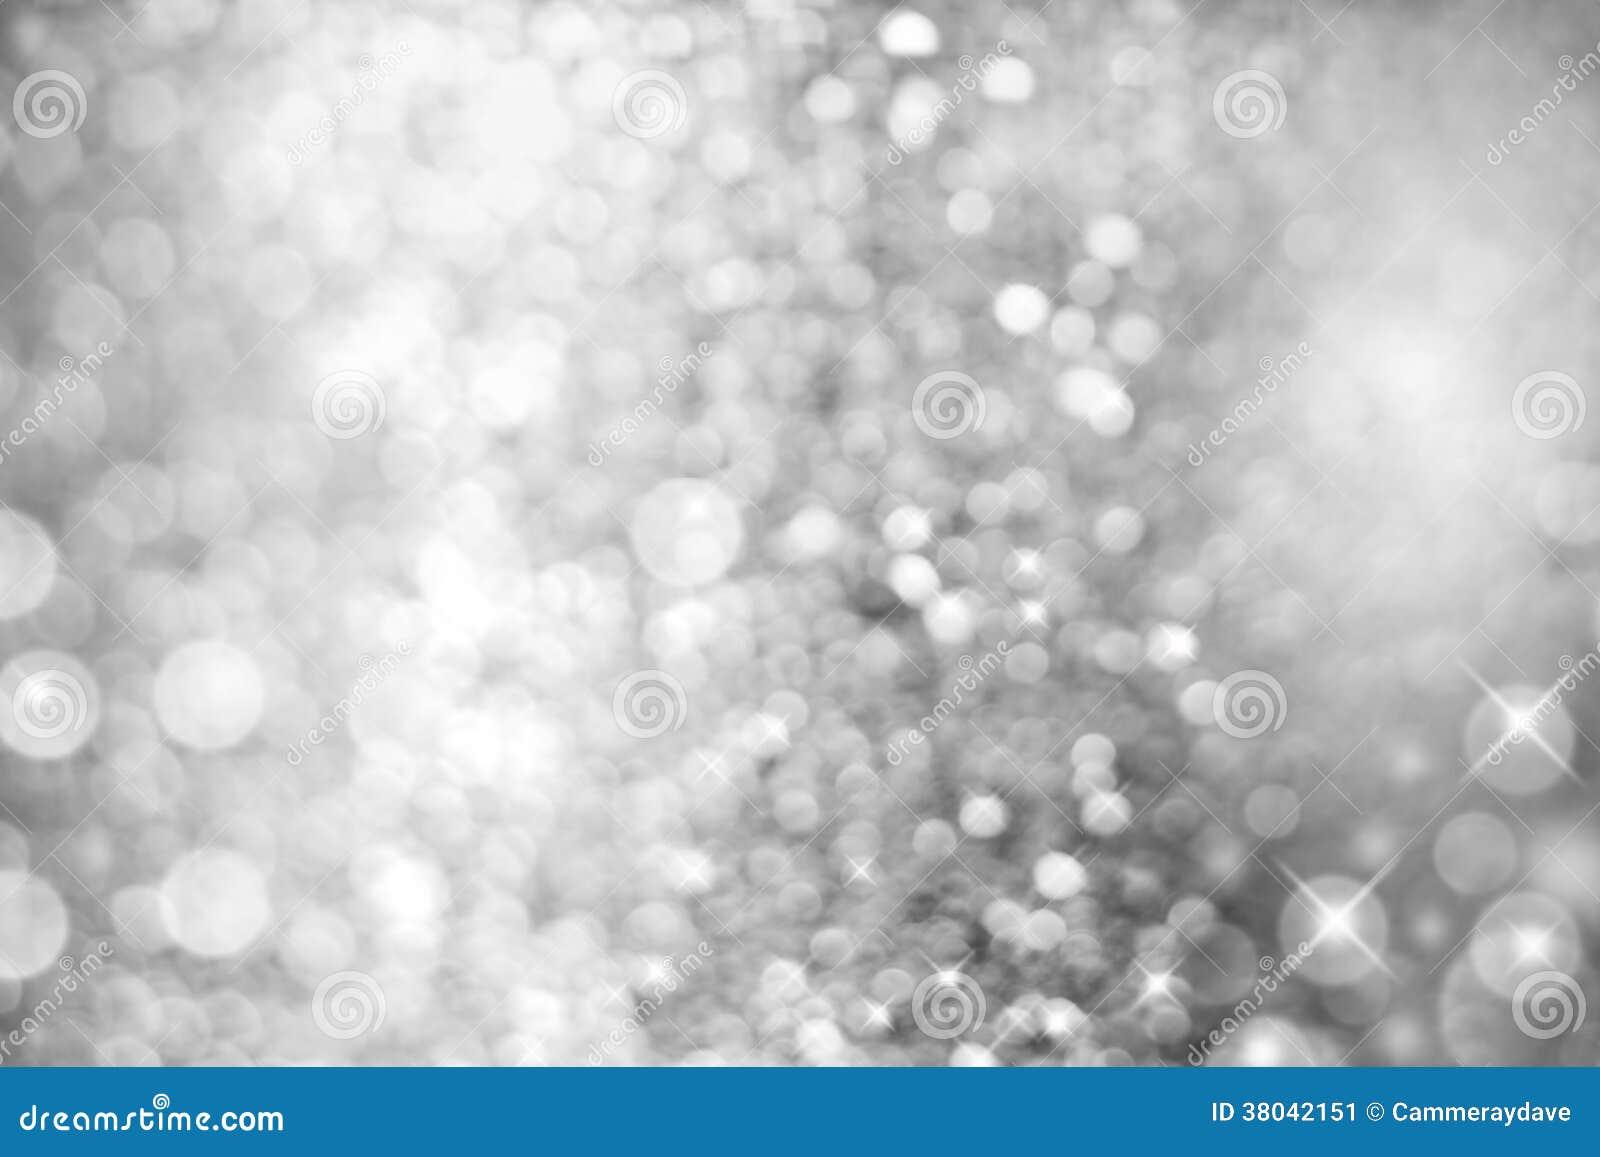 Серебристая белая абстрактная предпосылка